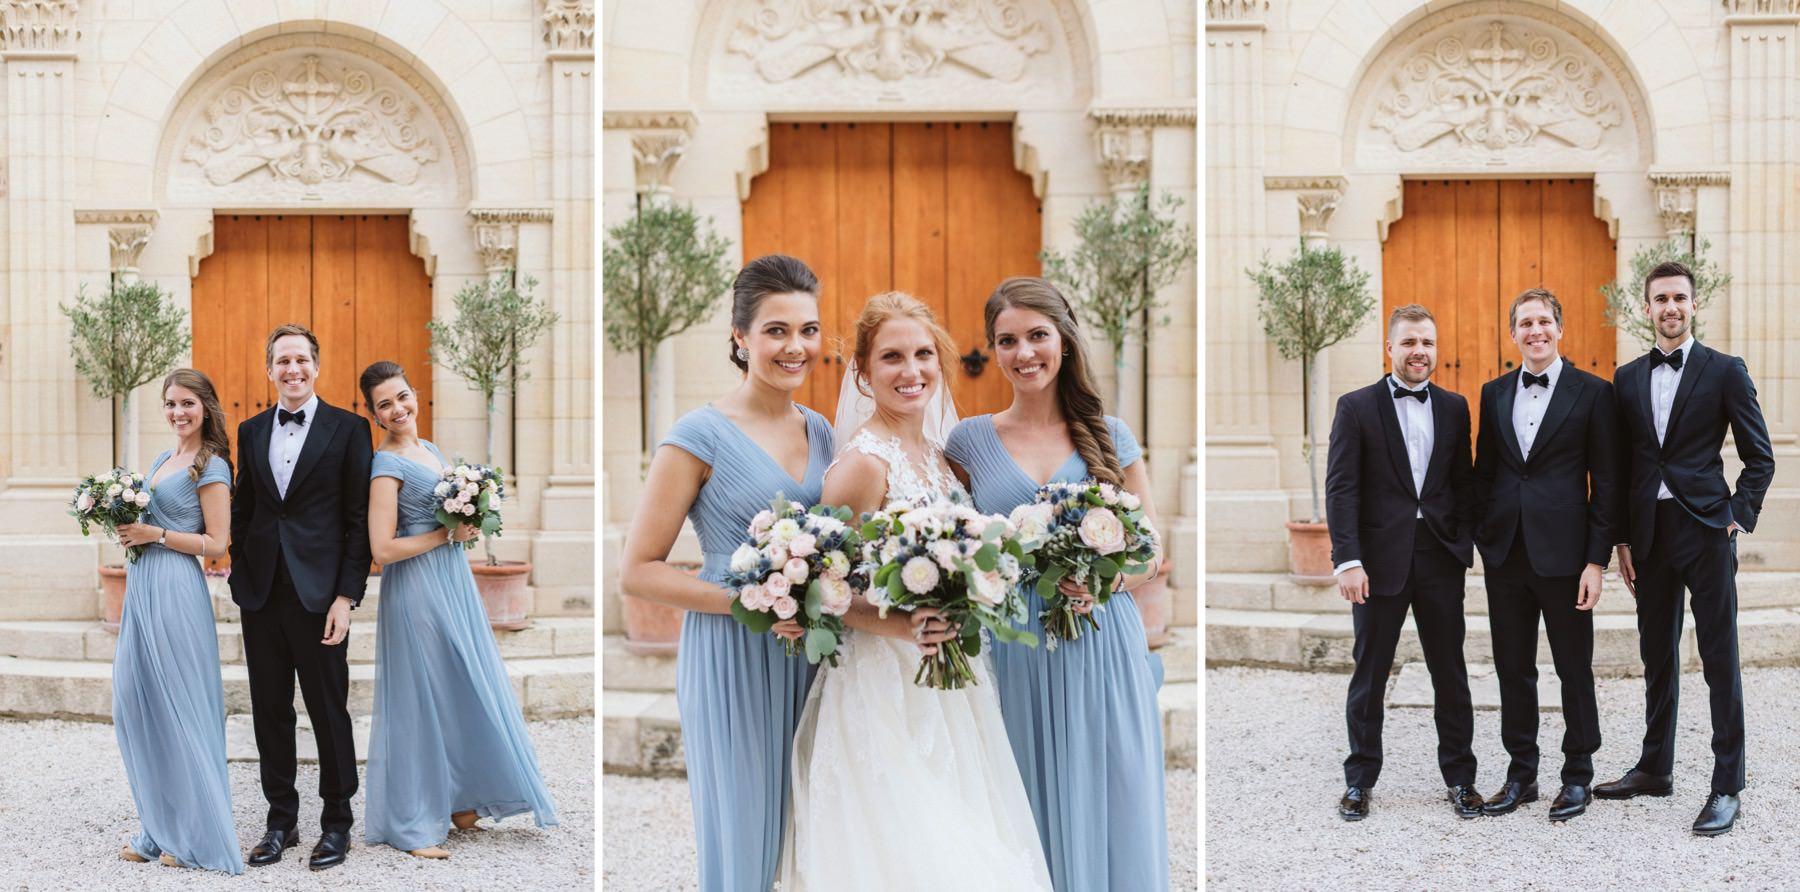 photographer wedding Chateau de Varennes